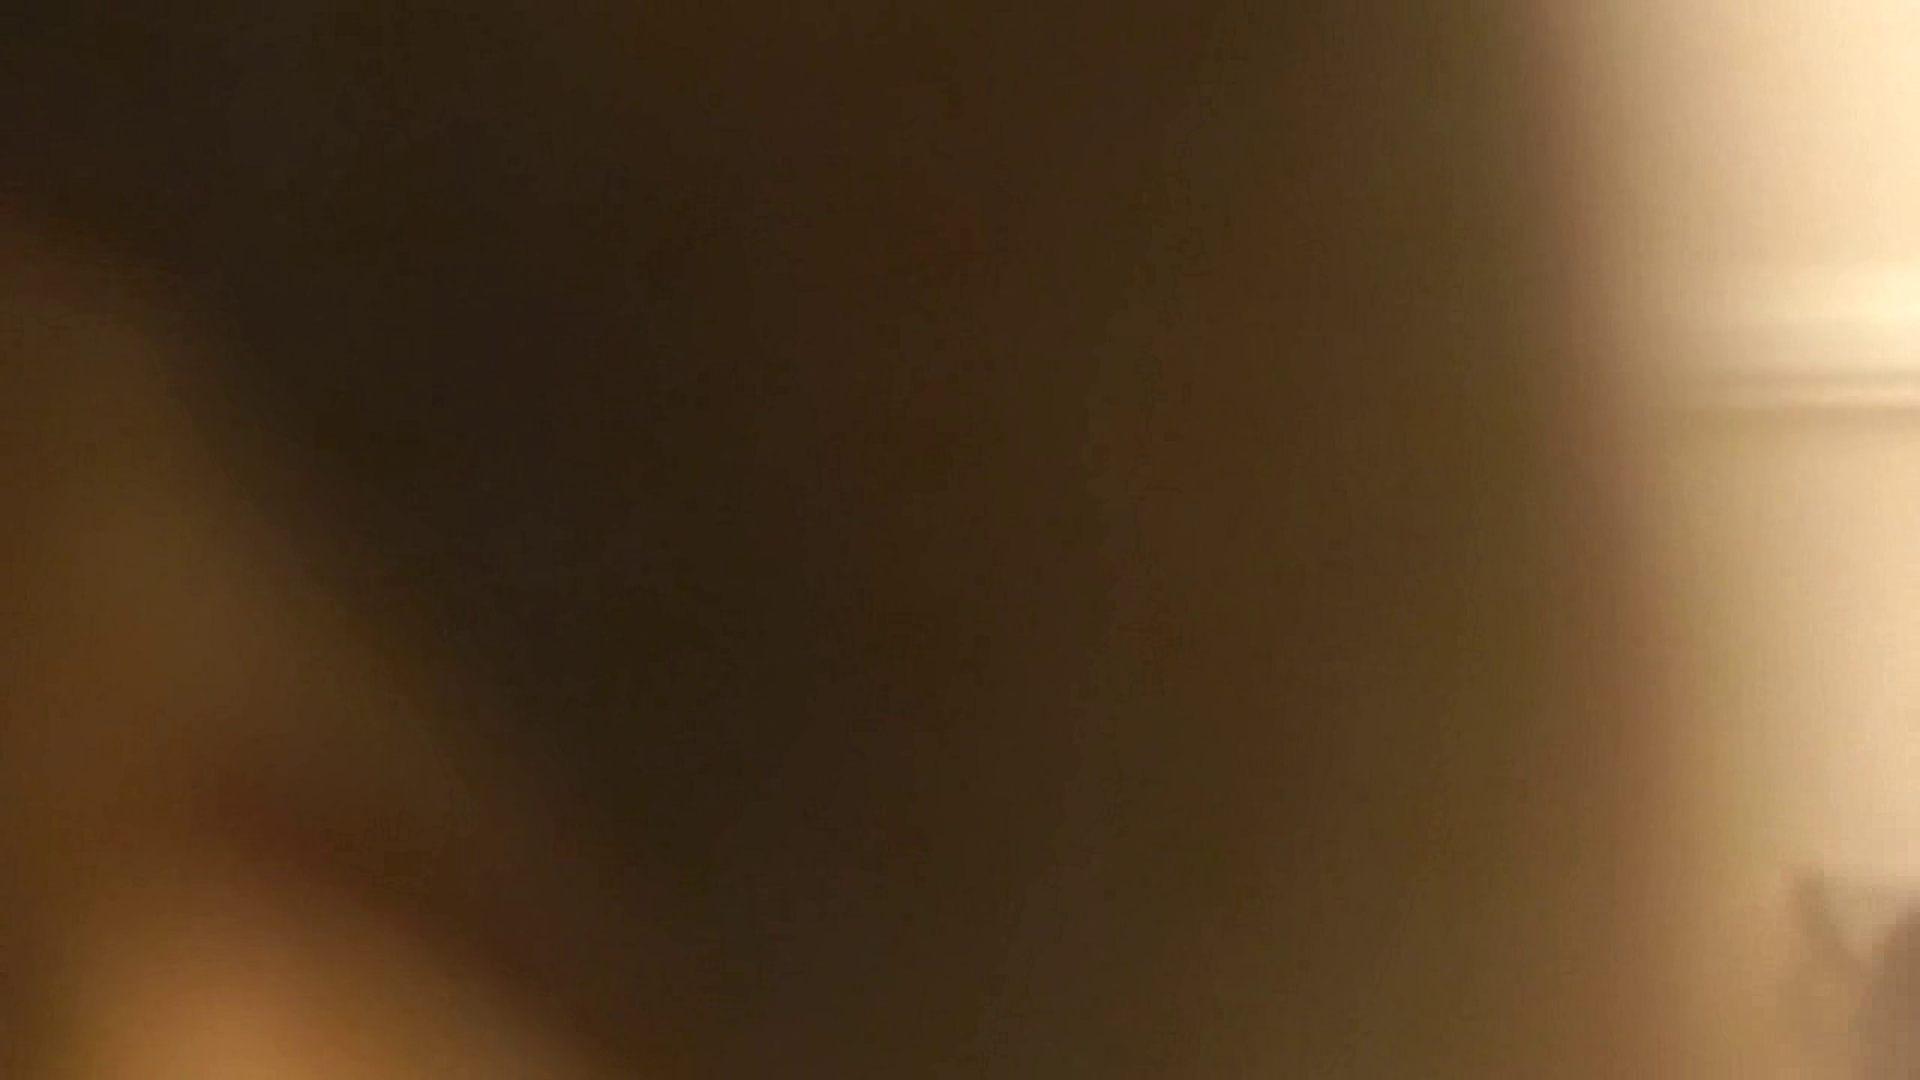 vol.1 Mayumi 窓越しに入浴シーン撮影に成功 OL   入浴シーン  89連発 45